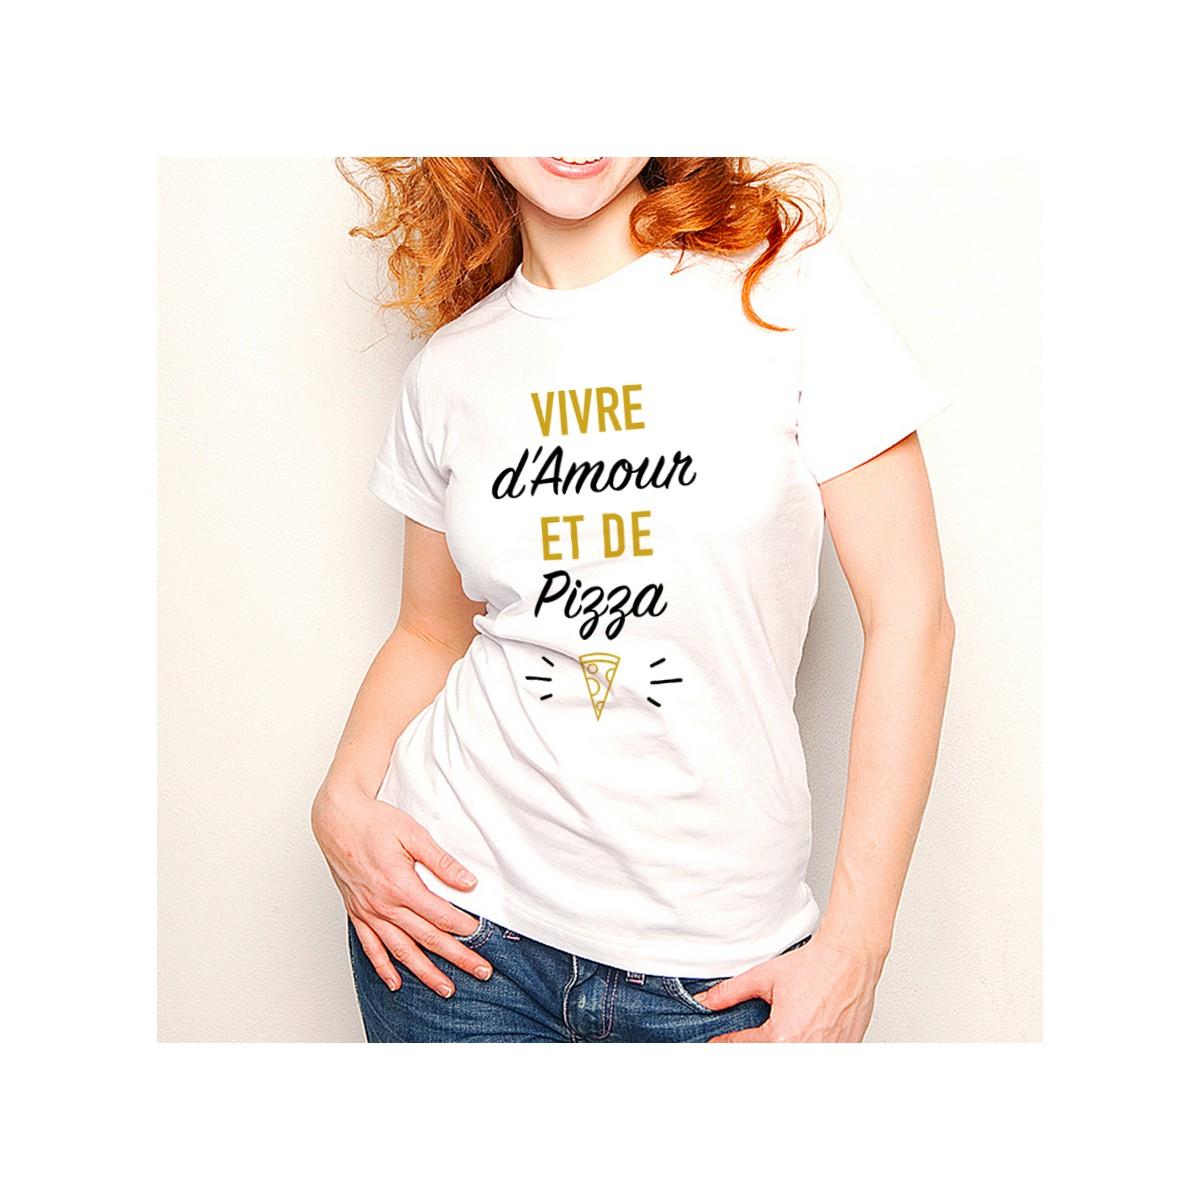 T-shirt Vivre d'Amour et de Pizza